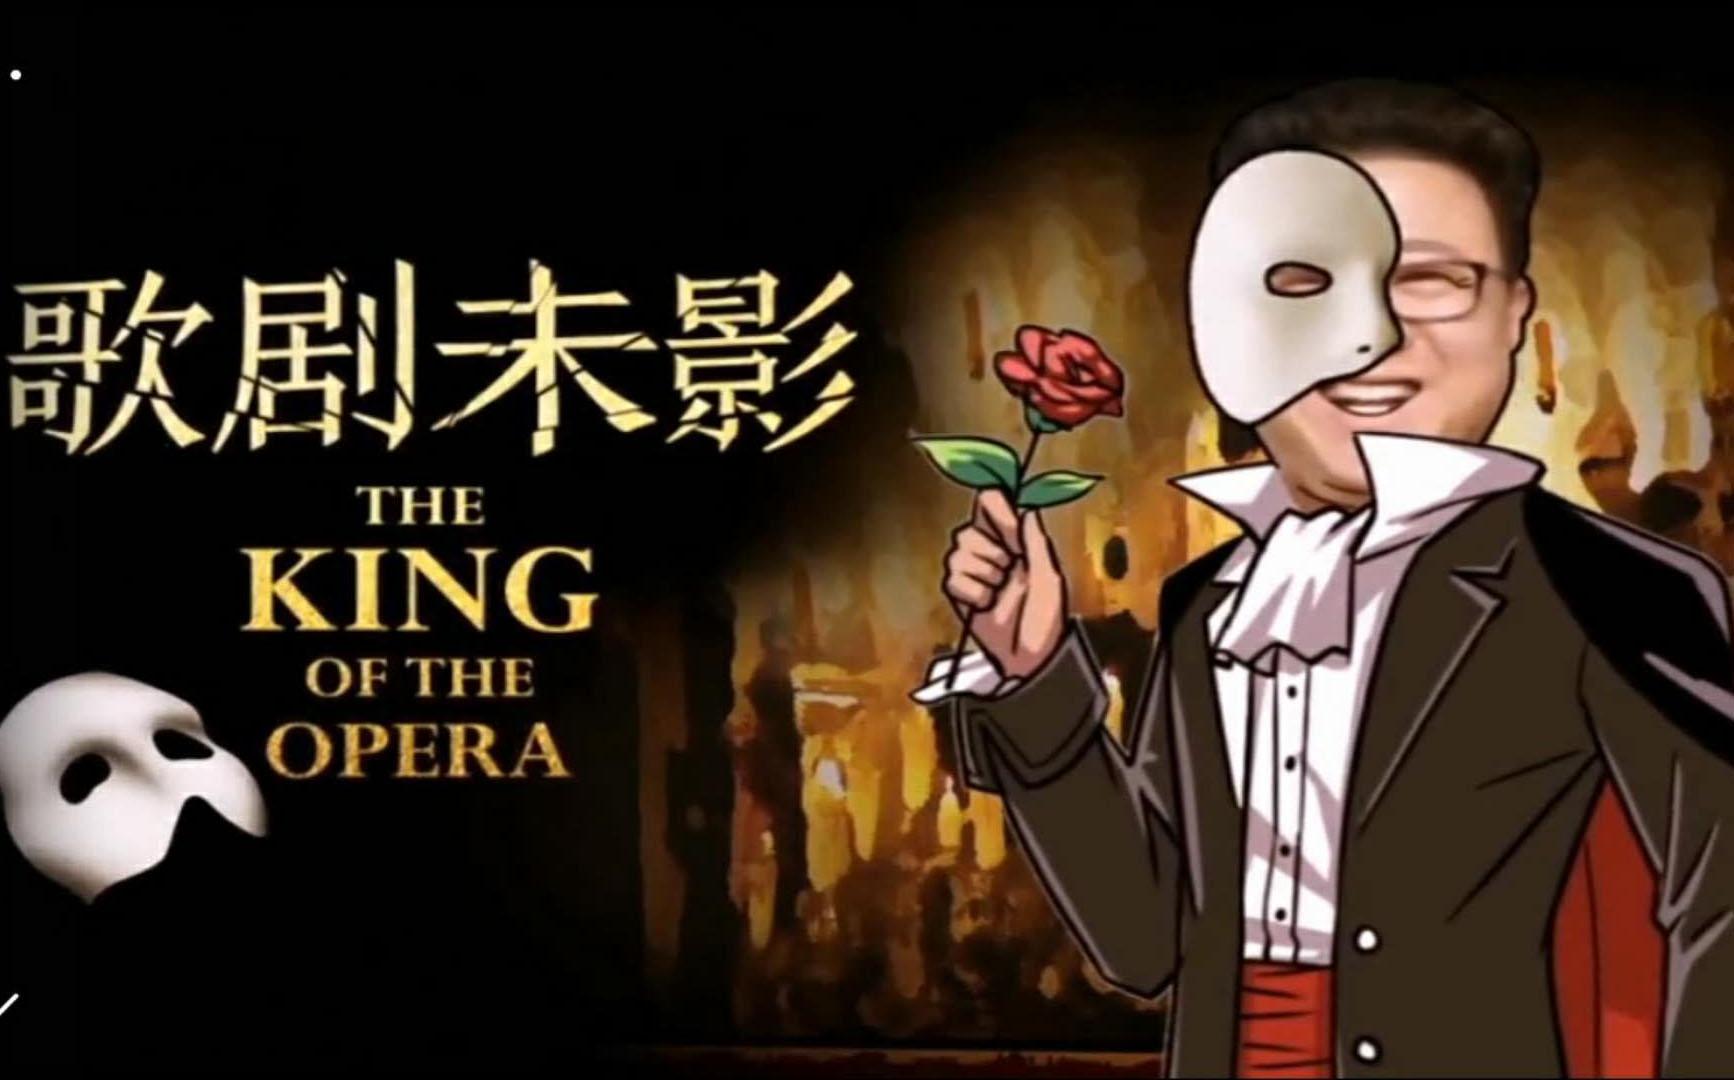 网易:丁三石挑战经典歌剧